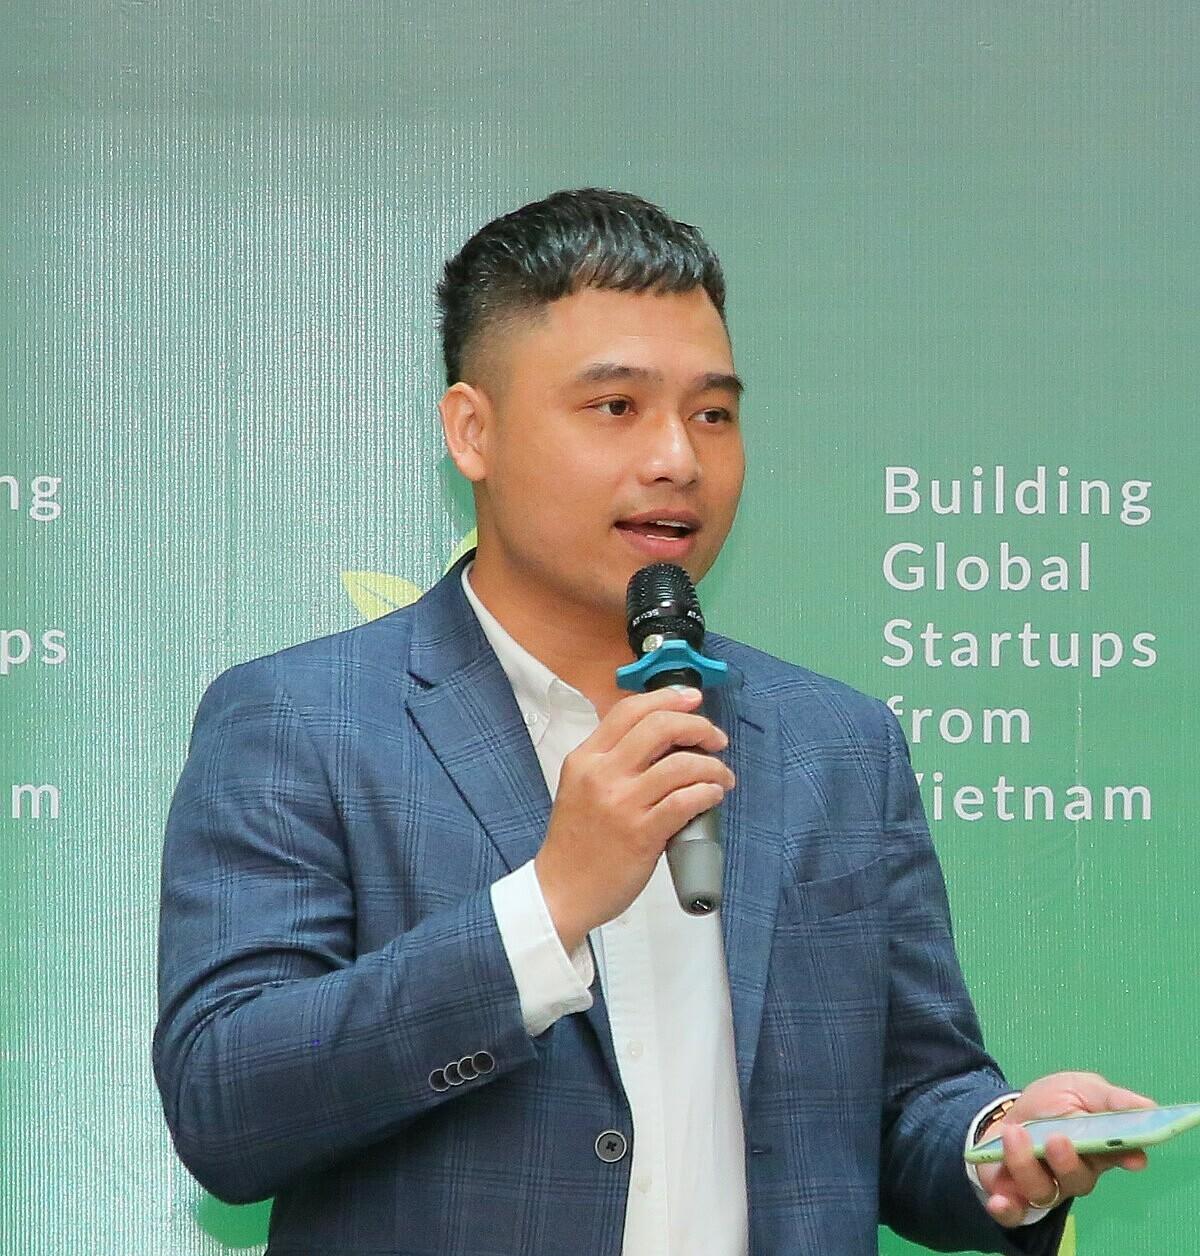 Ông Võ Trần Đình Hiếu - CFO tại Quỹ Tăng Tốc Khởi Nghiệp VIISA. Ảnh: BTC.